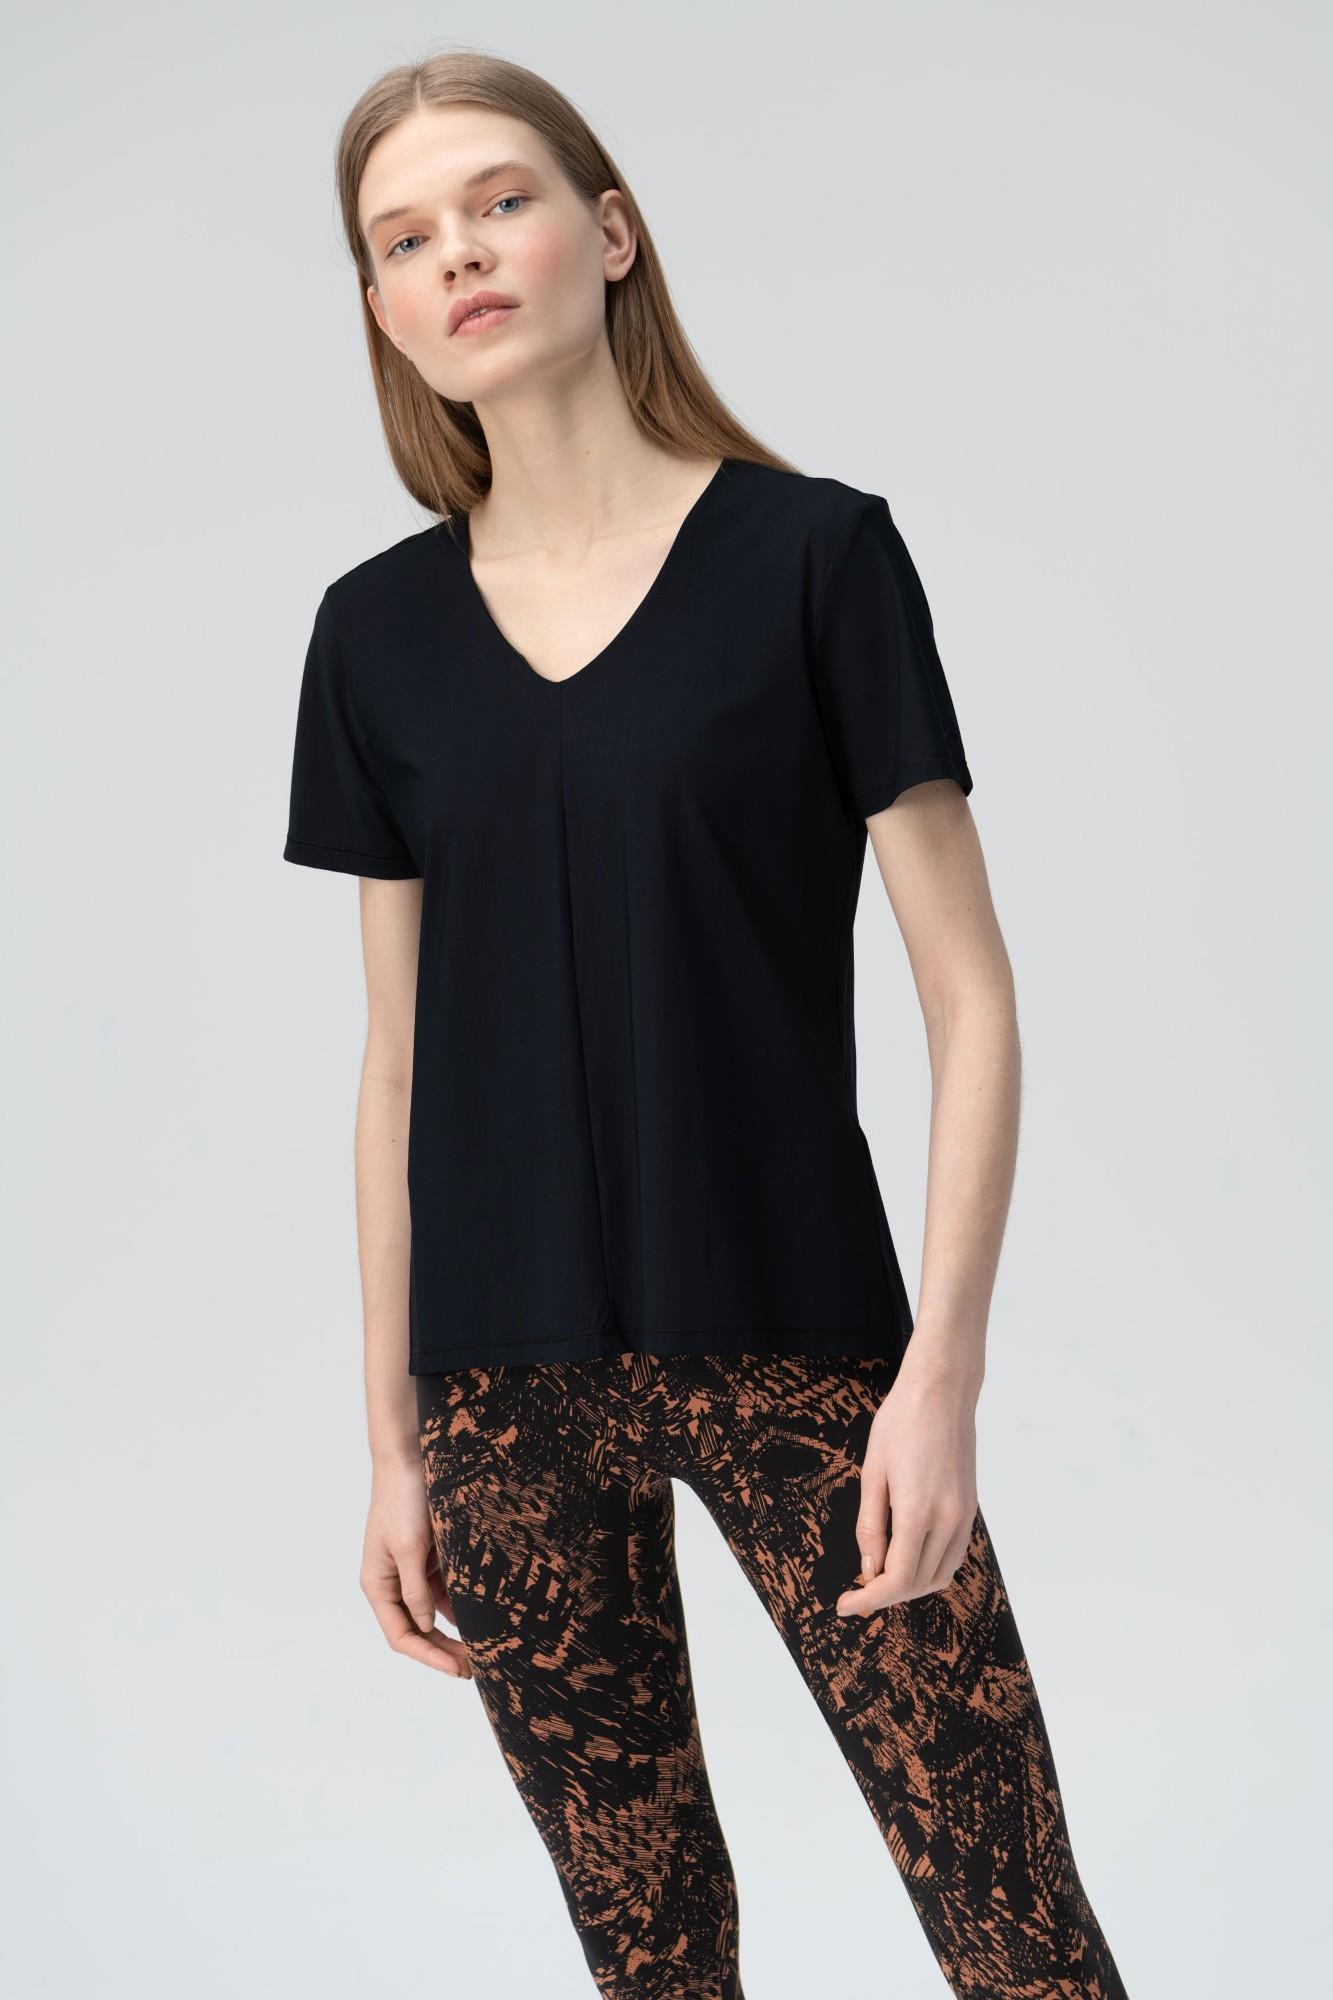 AUDIMAS Lengvi marškinėliai SENSITIVE 2011-023 Black XS